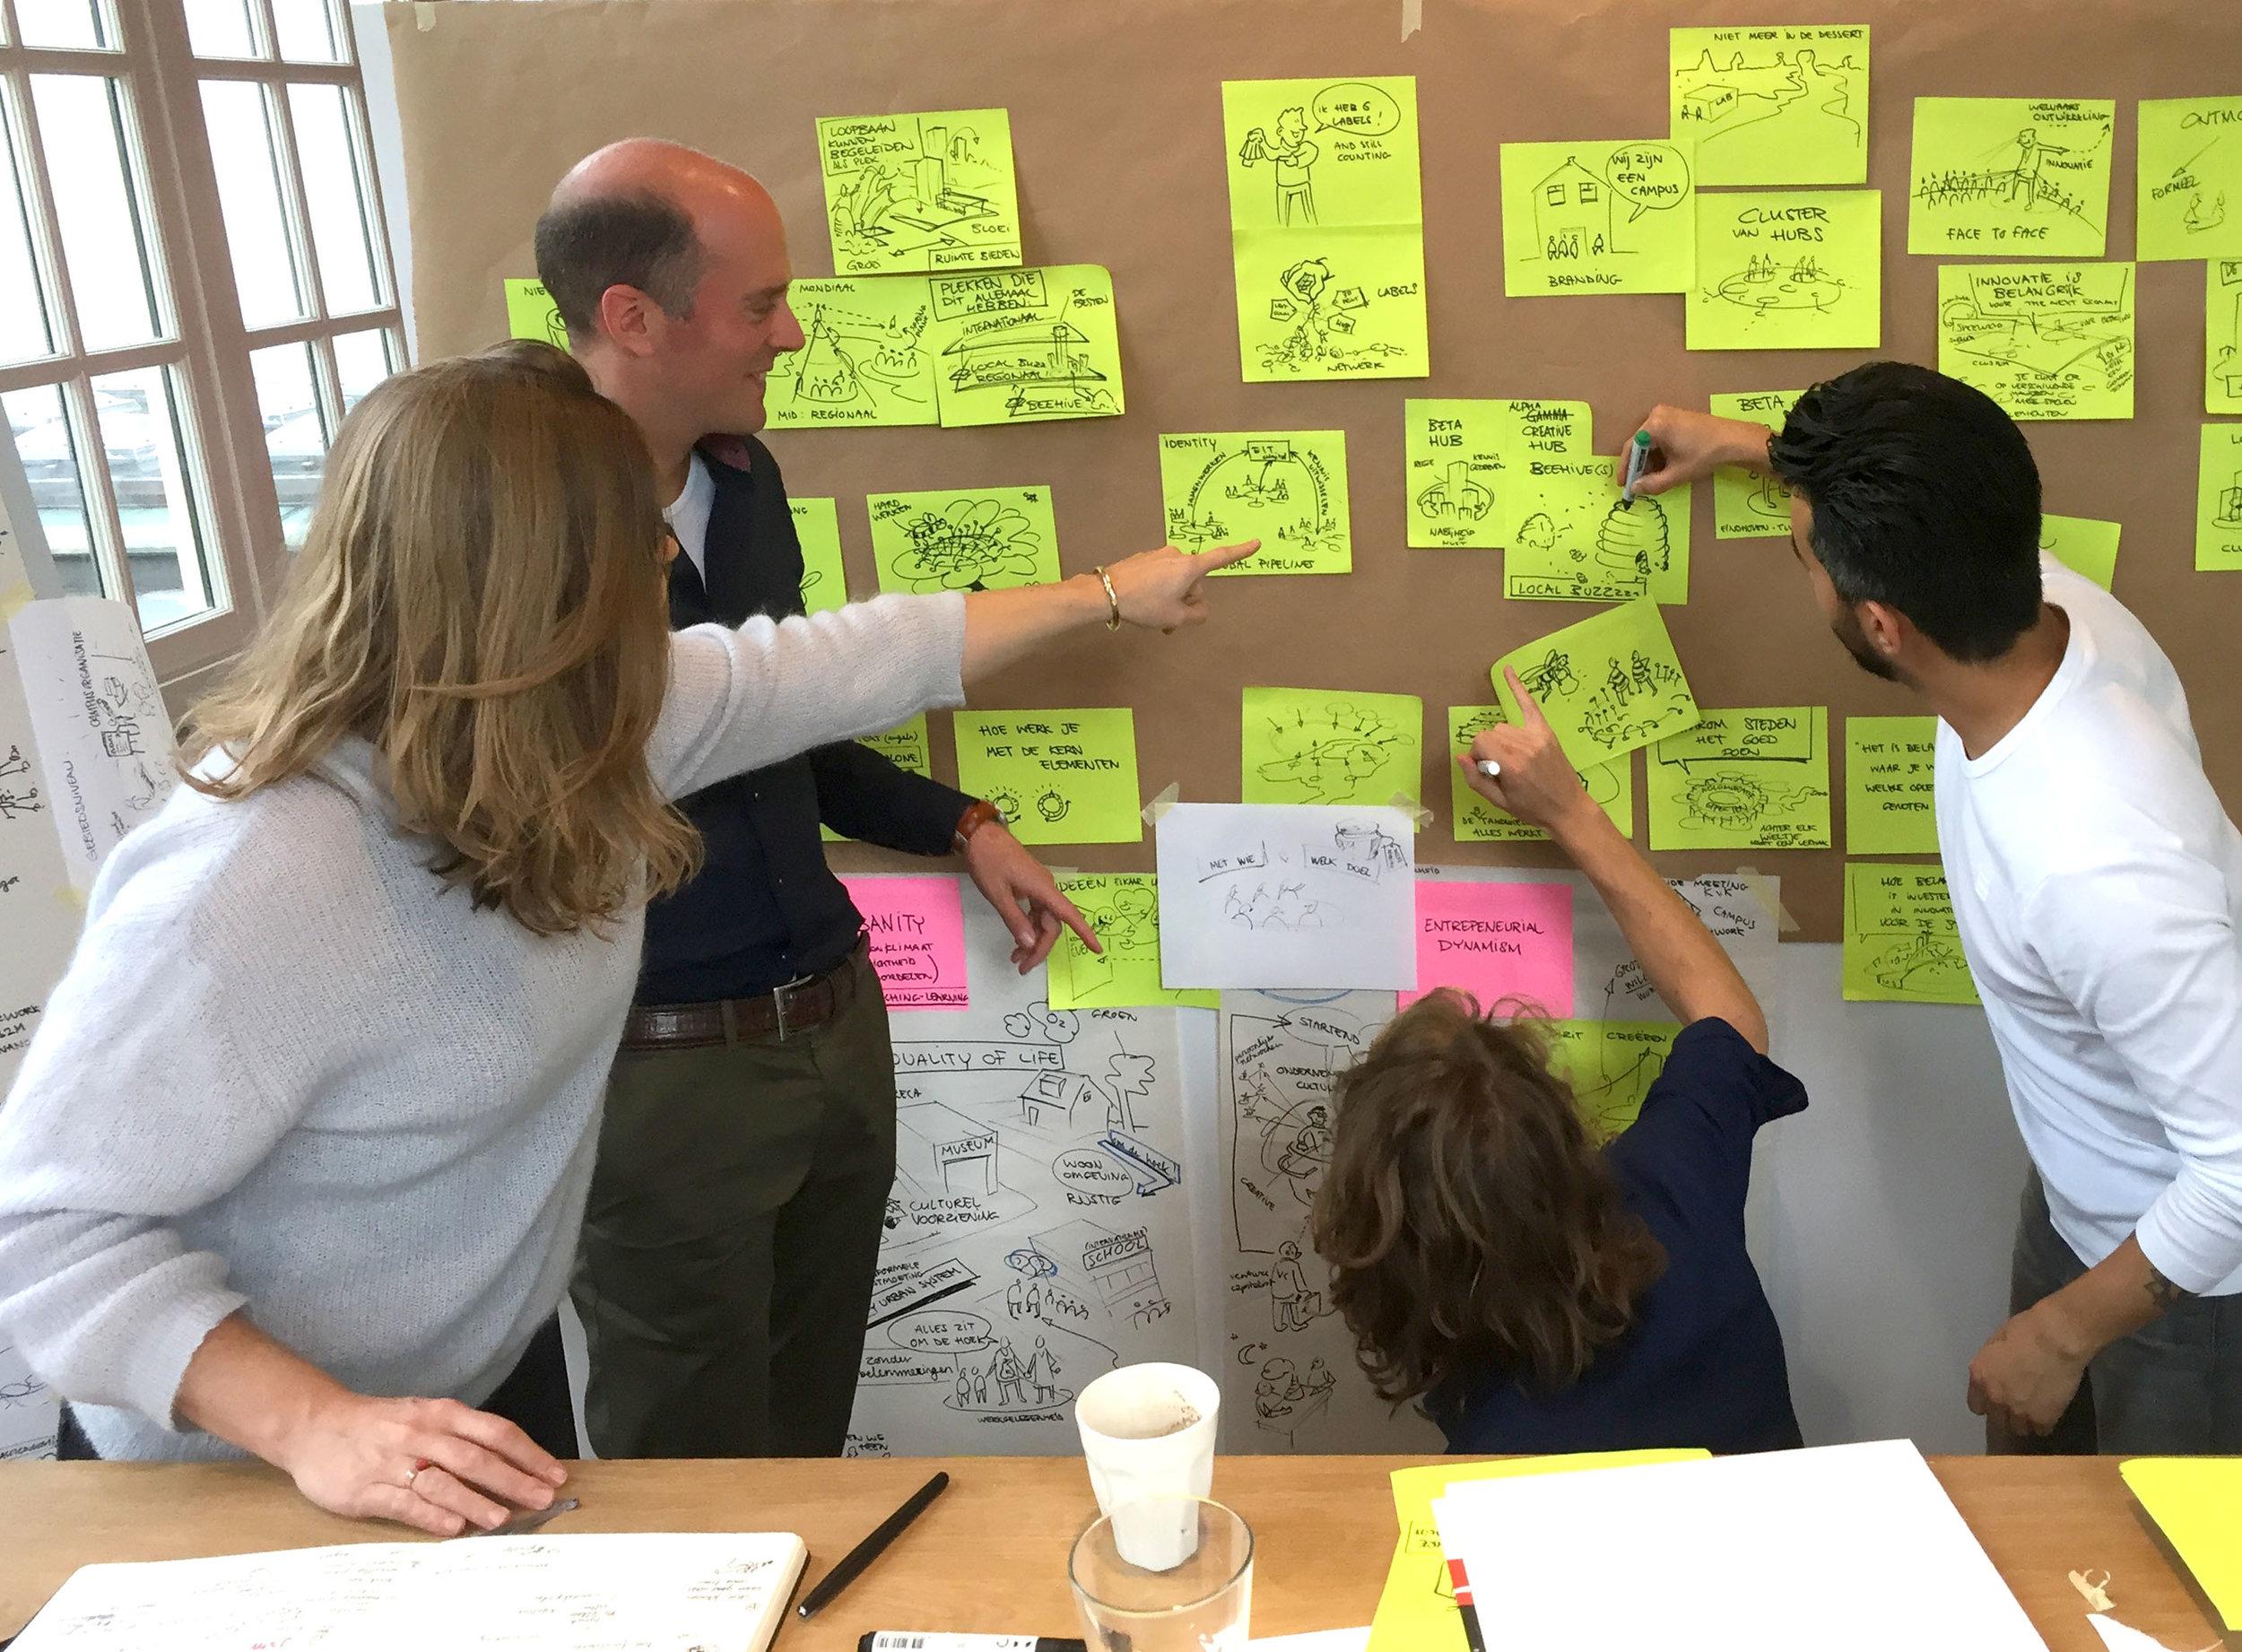 samen tekenen voor de verandering_Jam visual thinking4.jpg